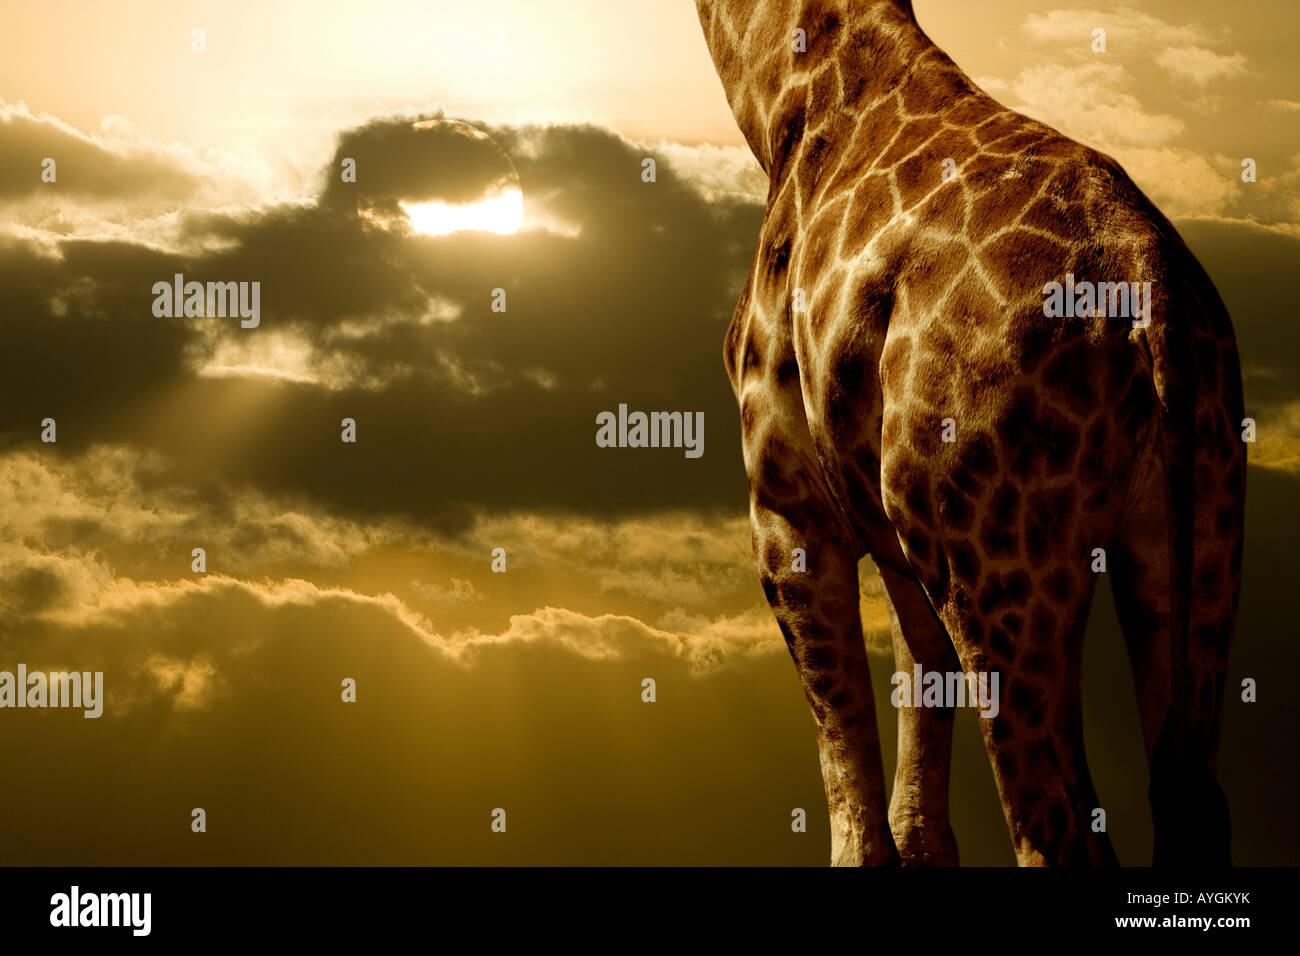 Rothschild giraffe and sunset, Kenya - Stock Image